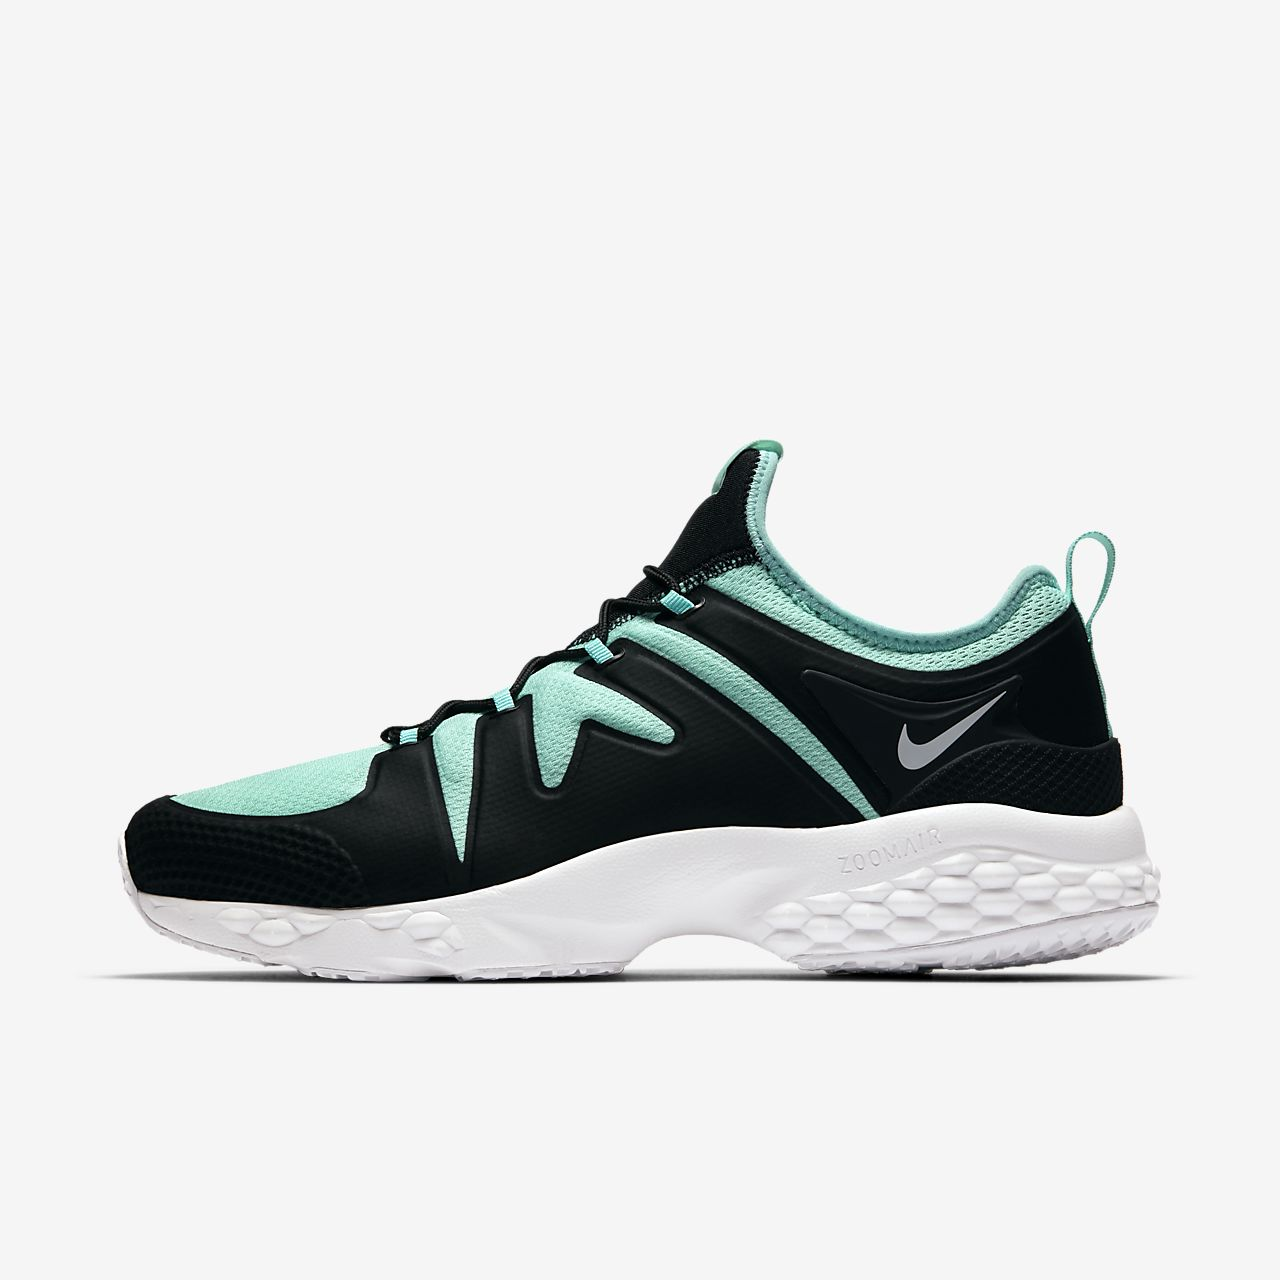 newest collection c27b7 75564 Nike Air Zoom LWP 16 SP - sko til mænd